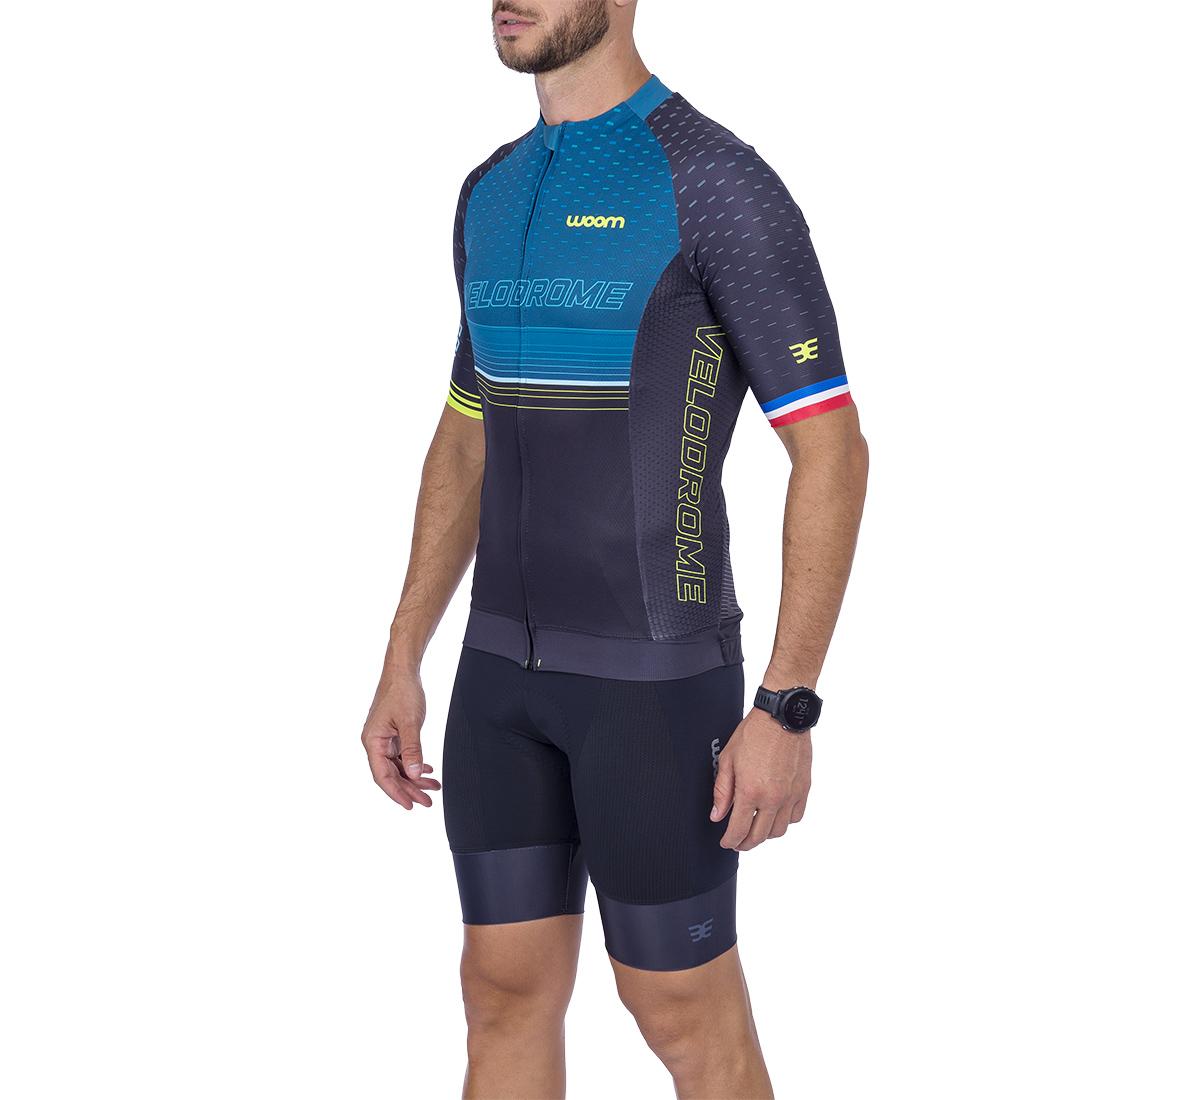 Camisa Ciclismo Supreme Velodrome Masc - 2021